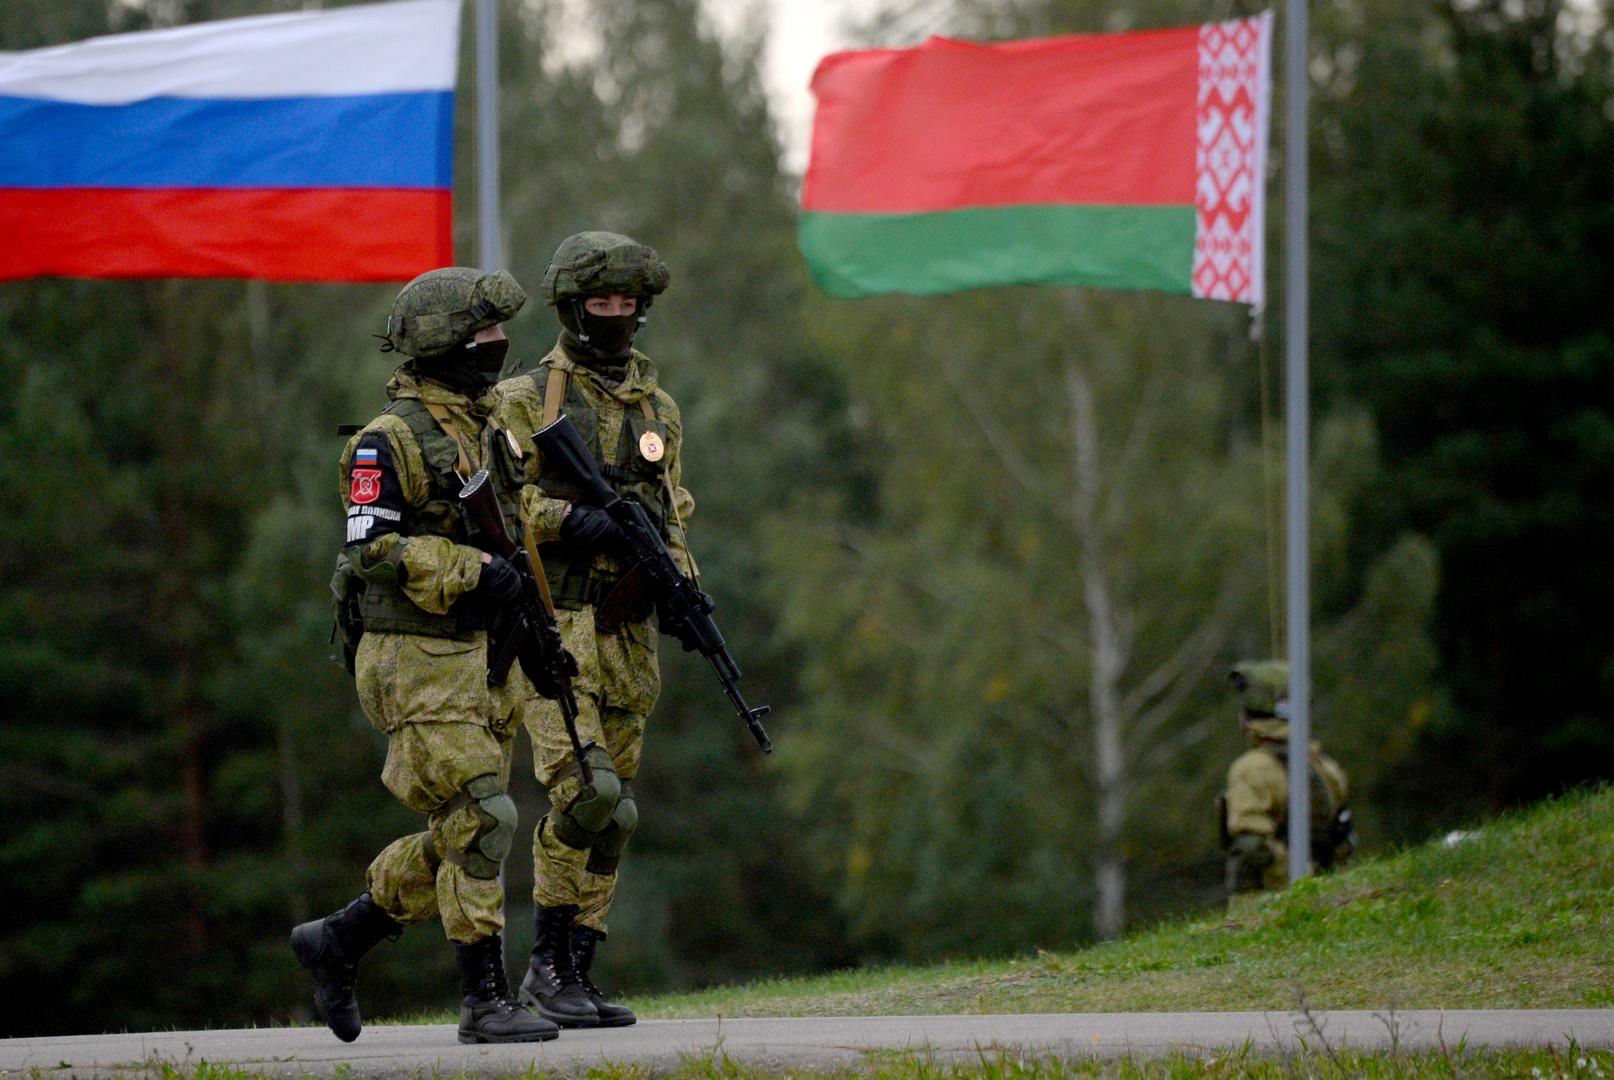 طائرة مسيرة للناتو تقوم بالاستطلاع قرب حدود بيلاروس بعد وصول القوات الروسية للبلاد